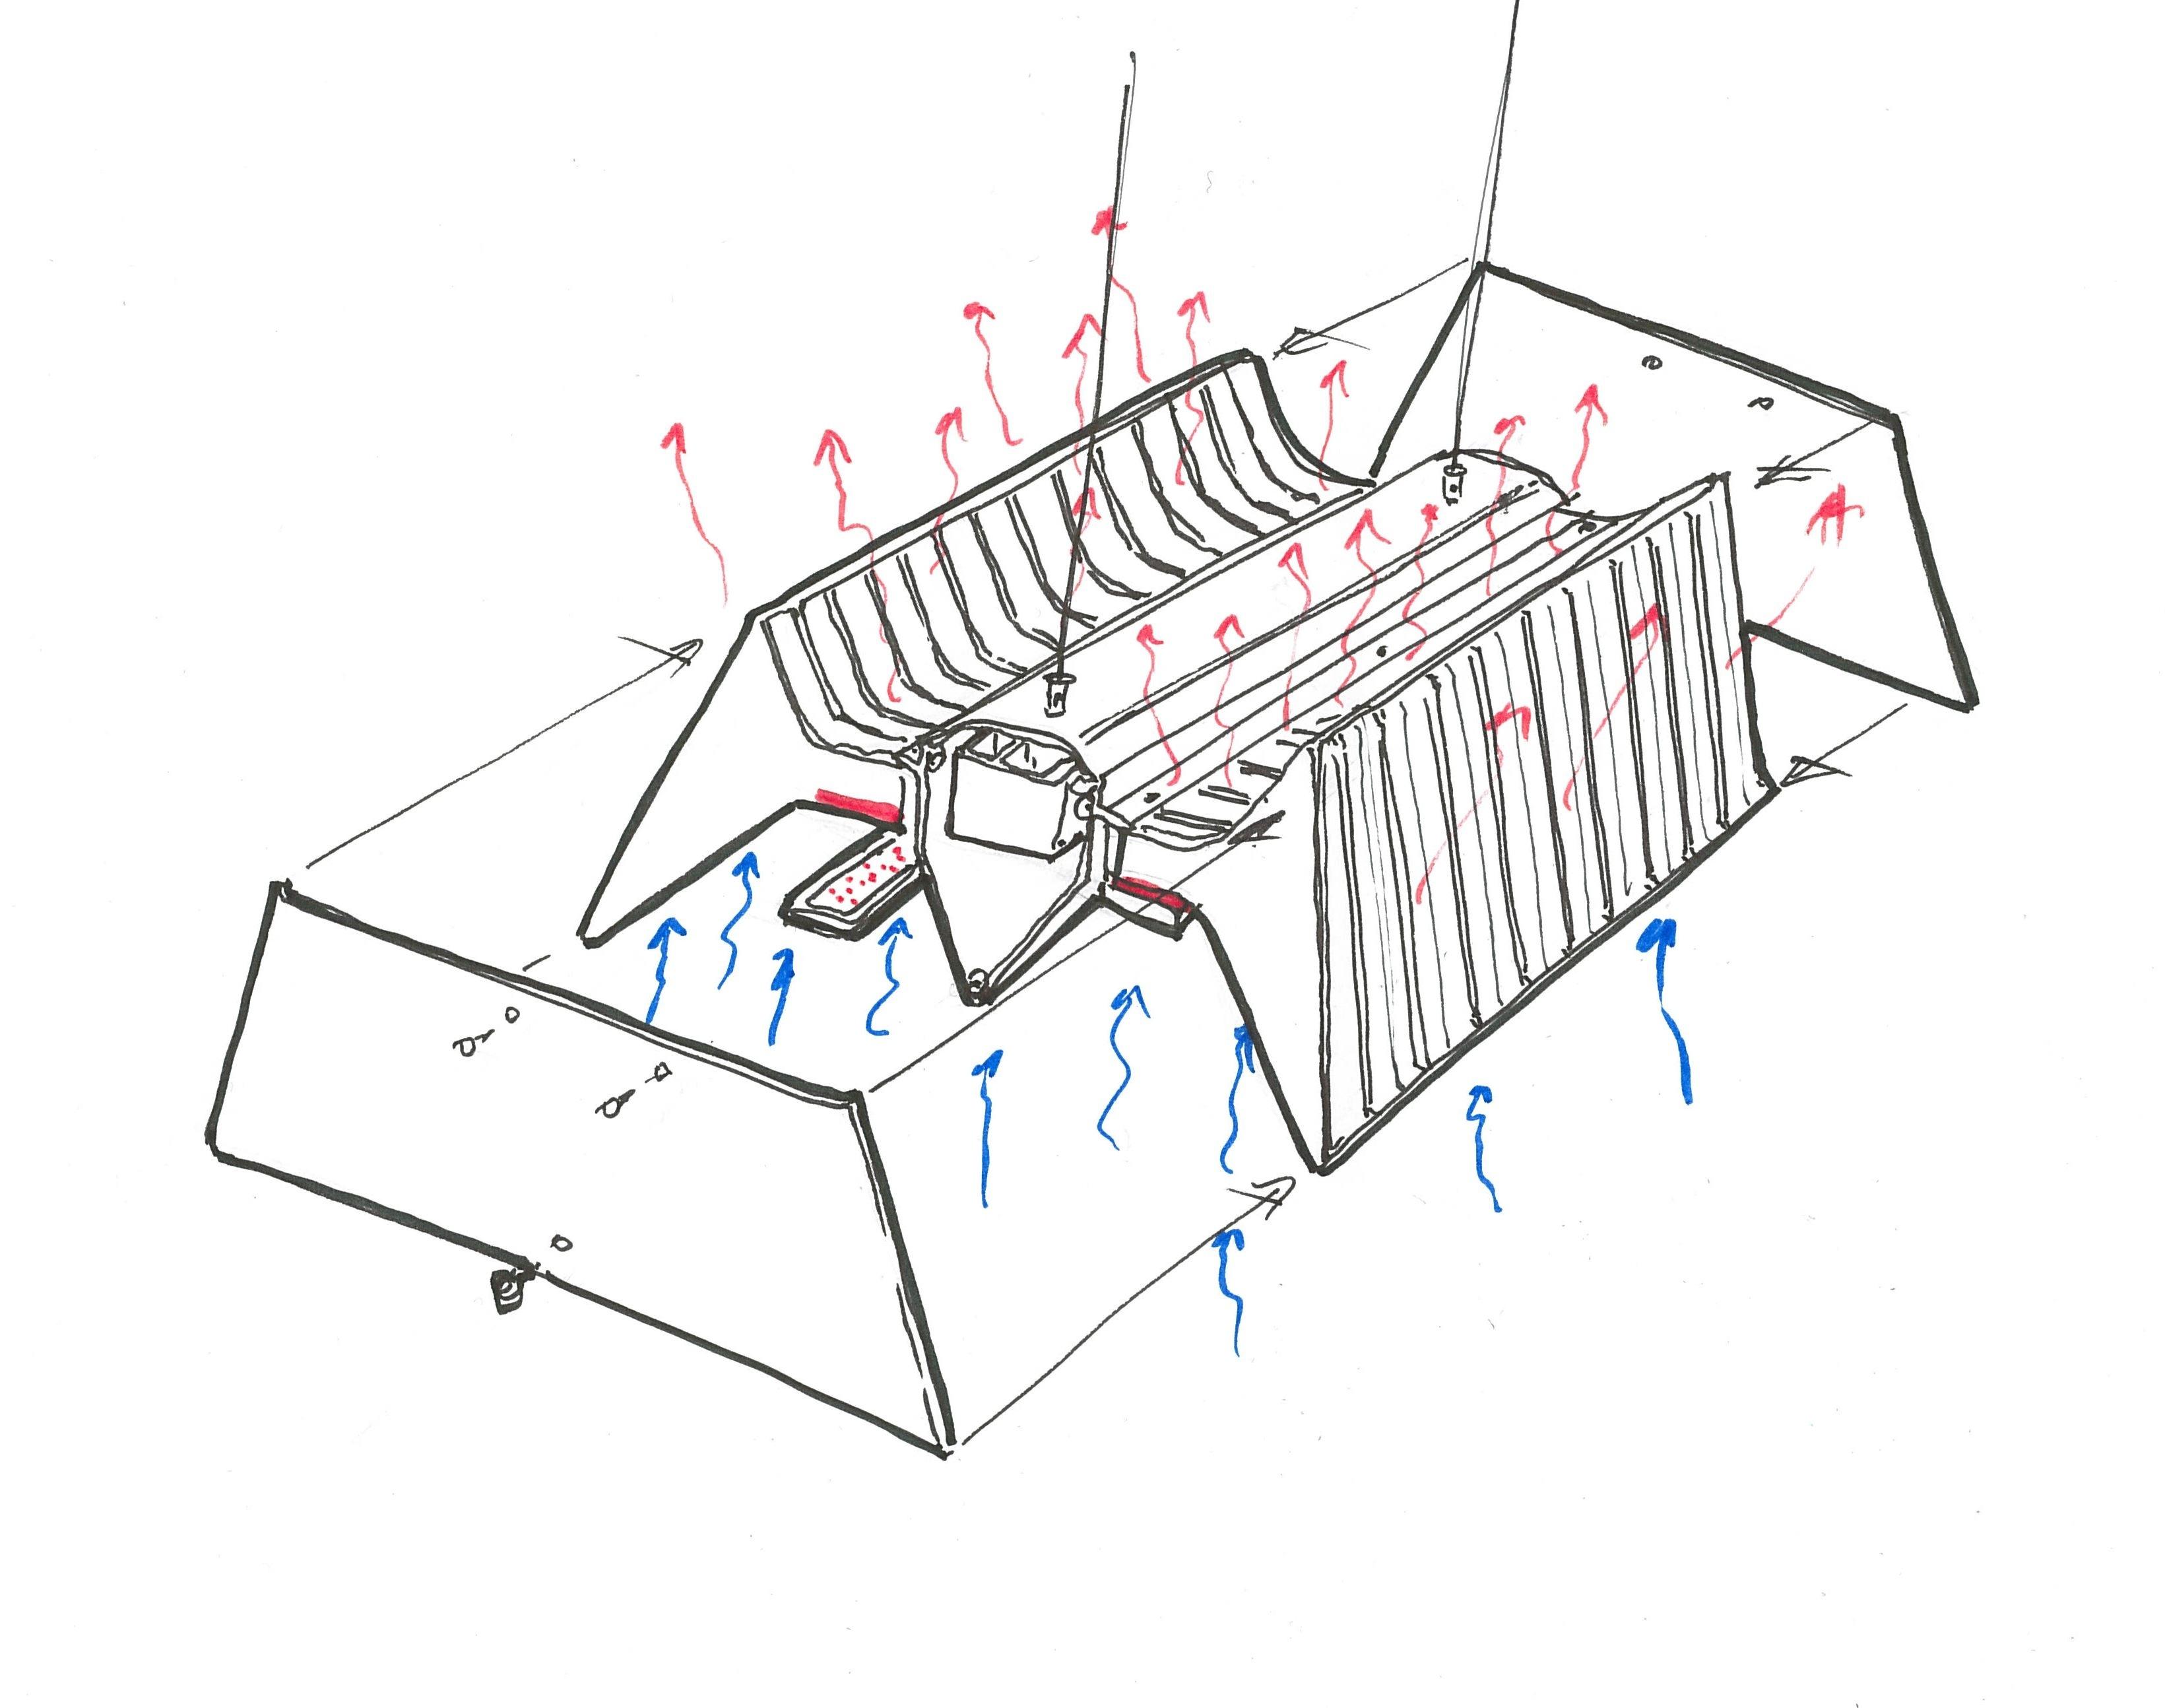 /x/h/c/004_Heat_Sink_Sketch___S.jpg